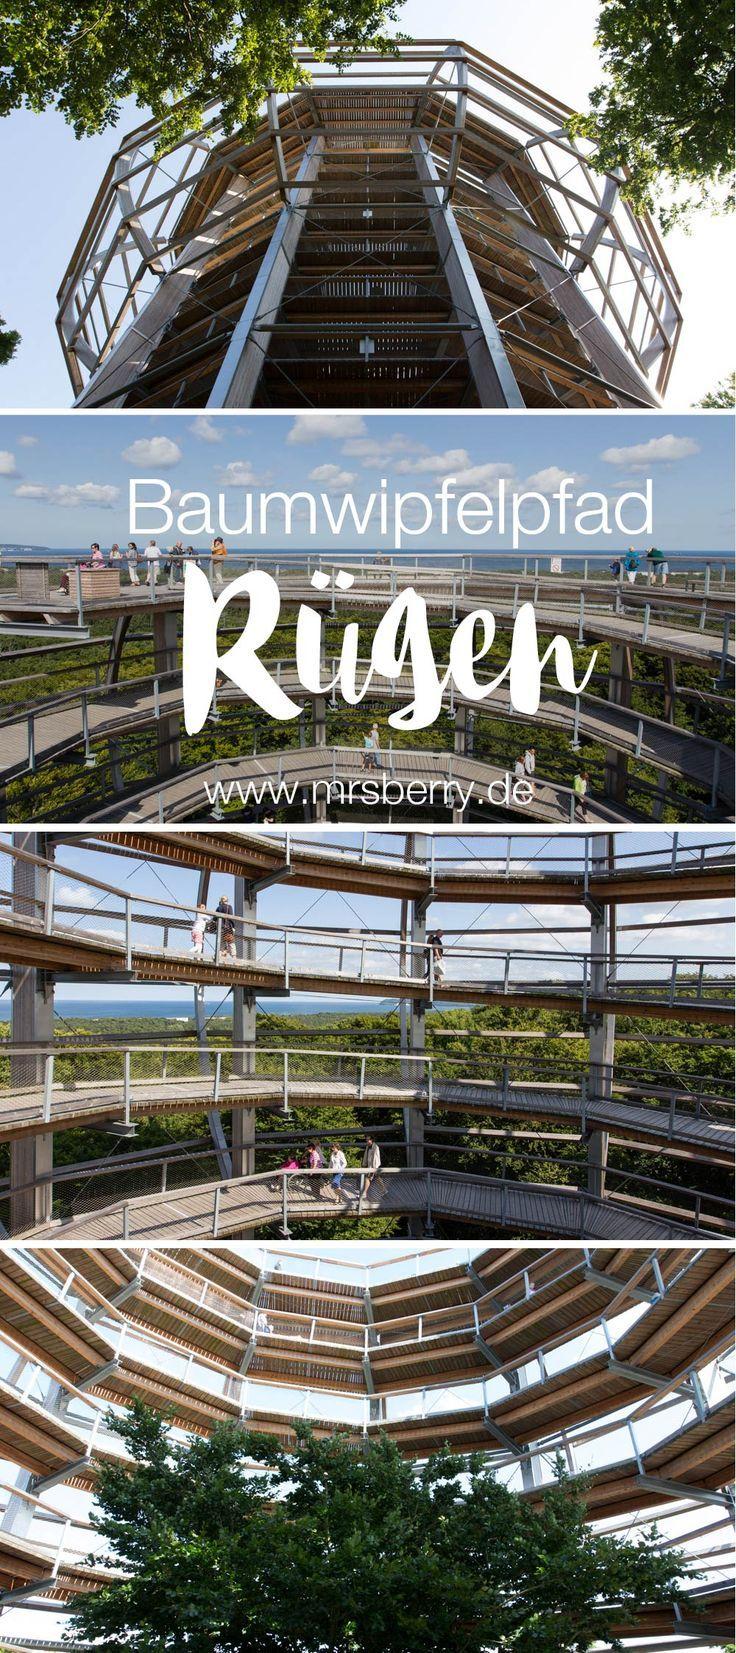 Rügen erleben mit MrsBerry.de | Baumwipfelpfad im Naturerbe Zentrum Rügen | Reisetipps für einen Urlaub auf Rügen mit Kindern https://mrsberry.de